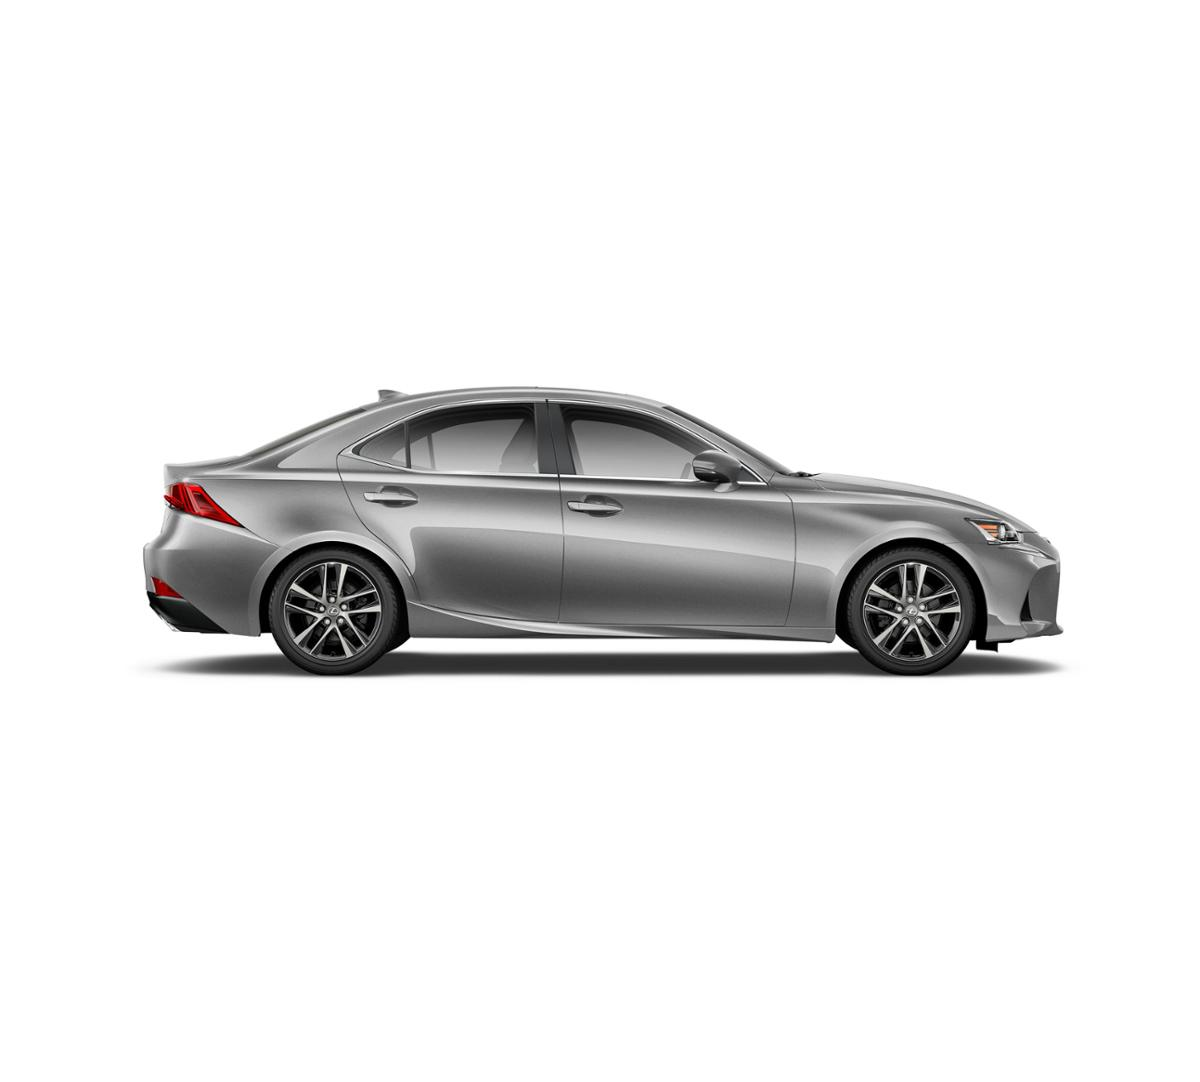 Willow Grove Liquid Platinum 2019 Lexus IS 300: New Car